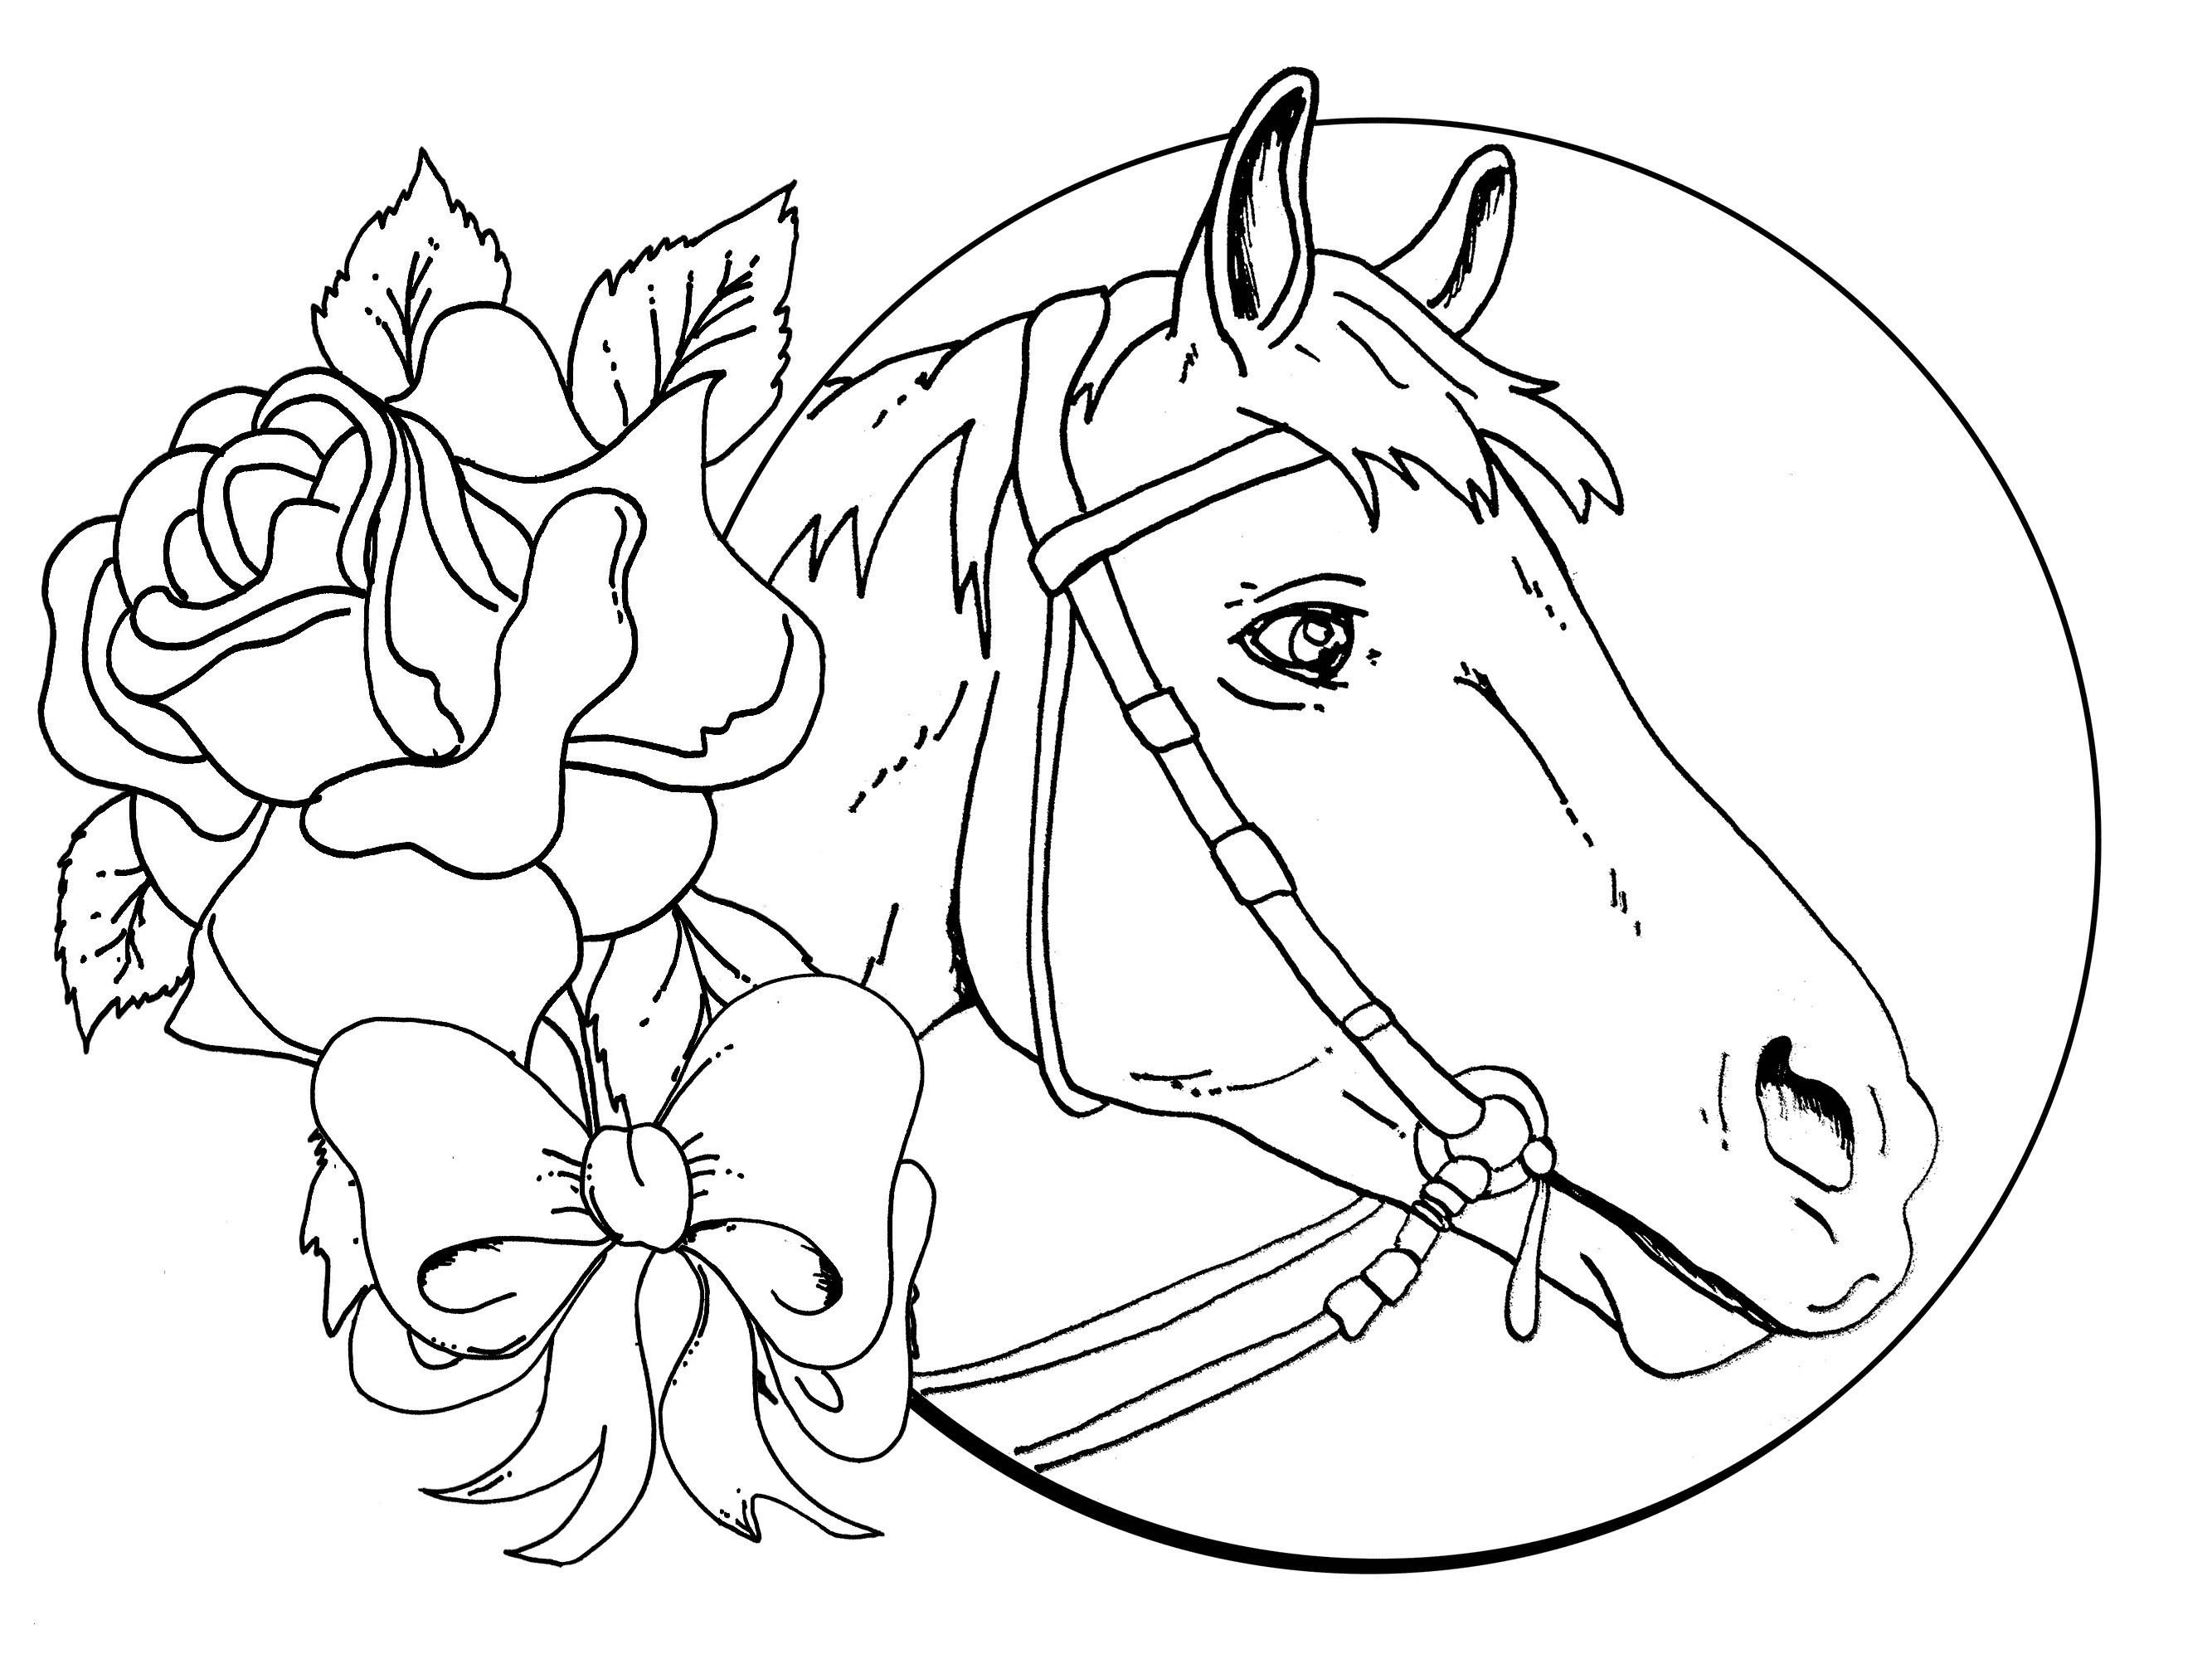 Ausmalbilder Pferde Mit Fohlen Genial Pferde Bilder Zum Ausmalen Frisch 37 Ausmalbilder Pferd Mit Fohlen Stock